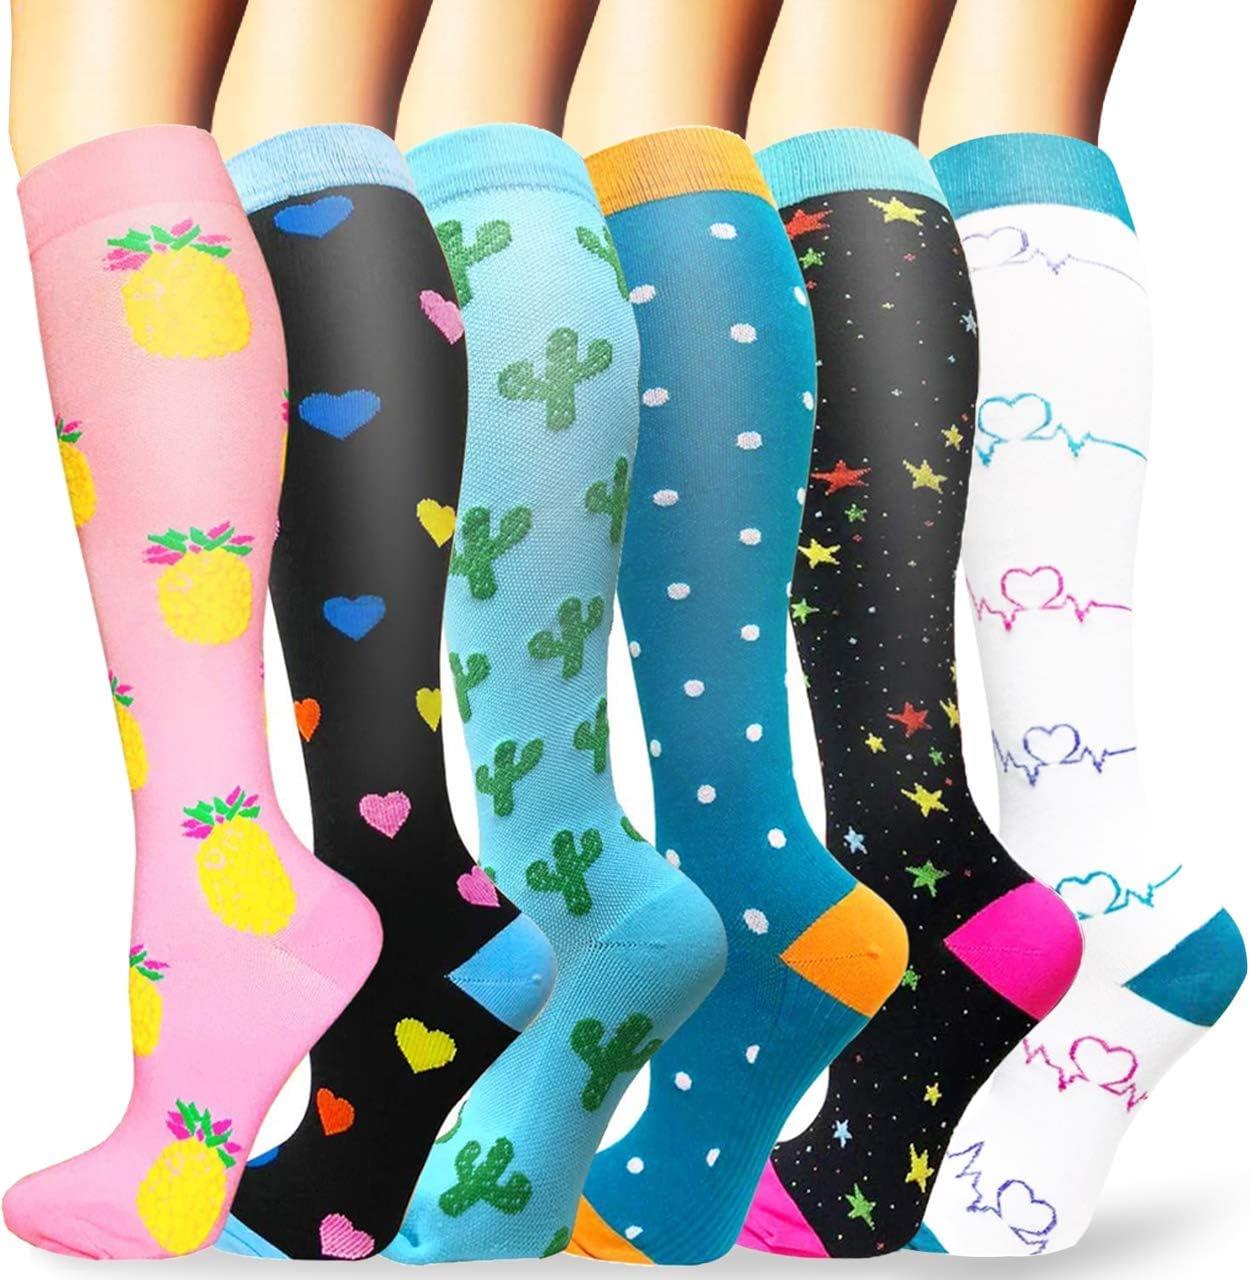 Sooverki Calcetines de compresión para Mujeres y Hombres 20-25 mmHg es el Mejor Graduado atlético, Correr, Volar, Viajar, Enfermeras